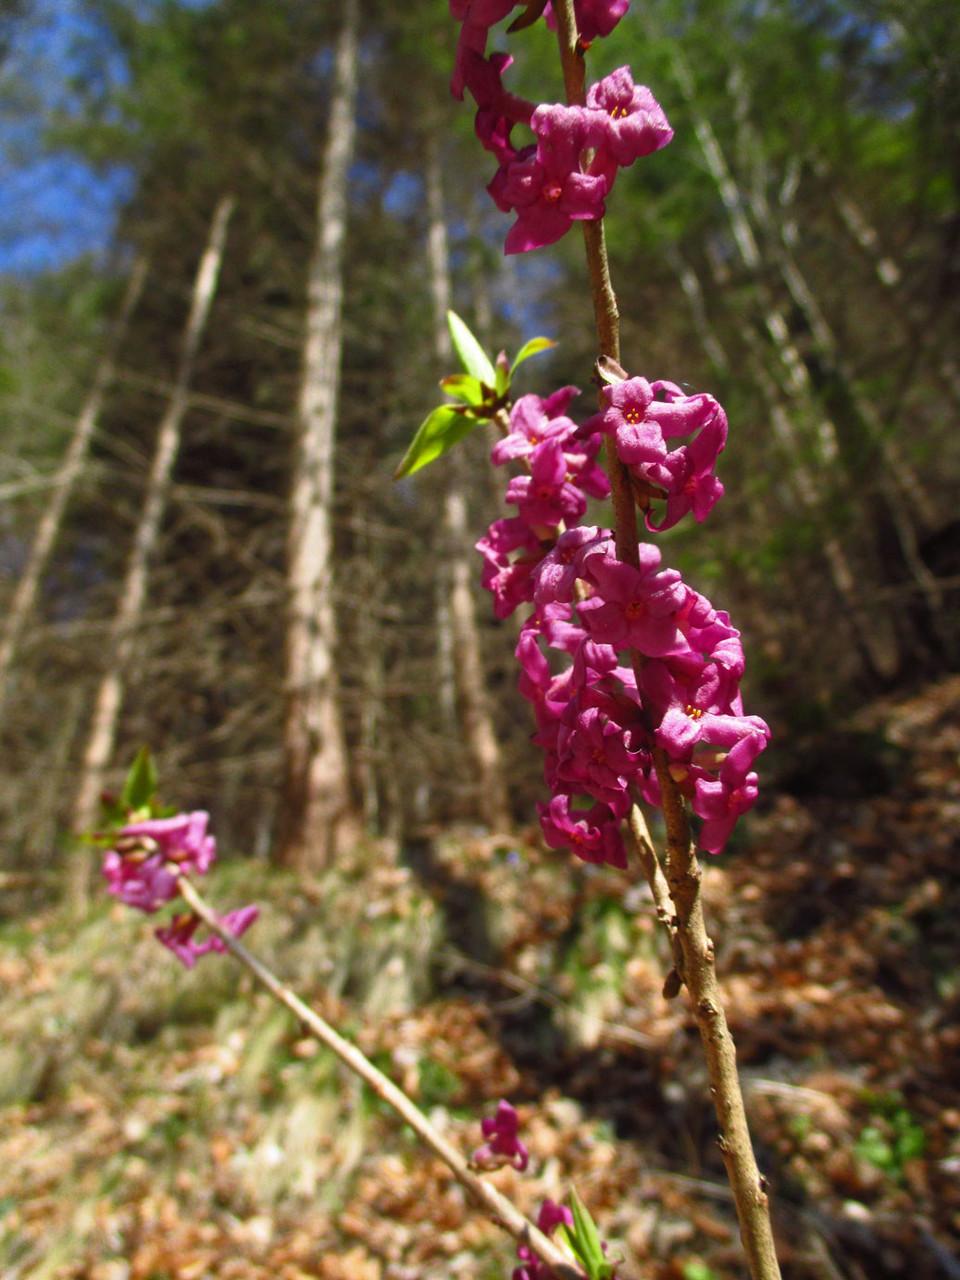 Echter Seidelbast (Daphne mezereum) | Familie: Spatzenzungengewächse (Thymelaeaceaea) | stark giftig! | teilweise geschützt!